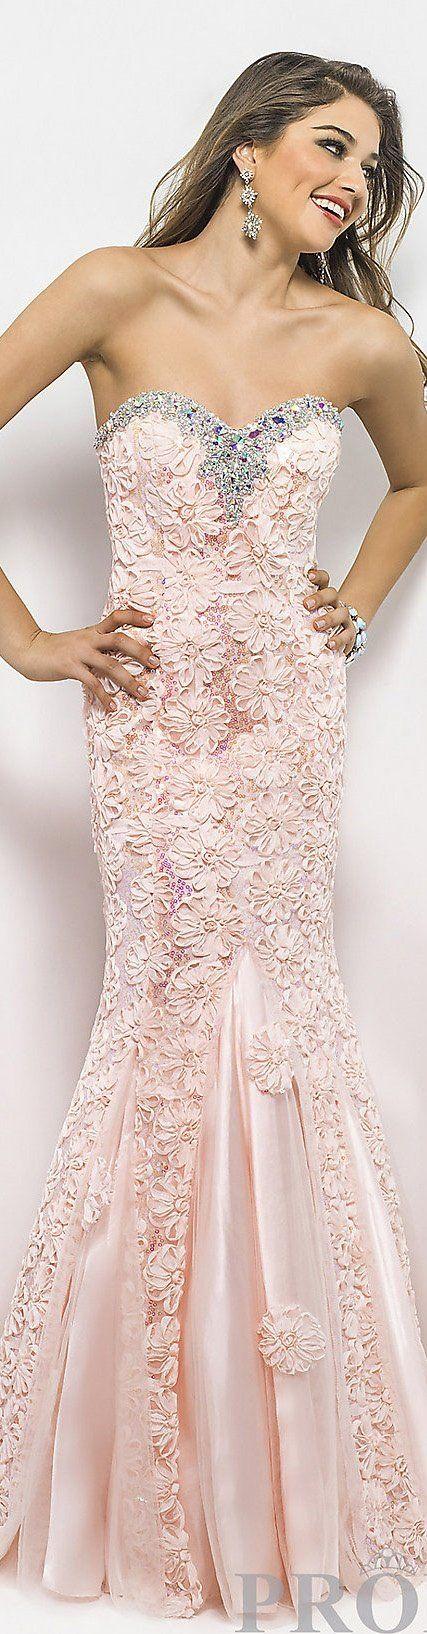 I wish I had a reason to wear this dress! Glitter prom dress